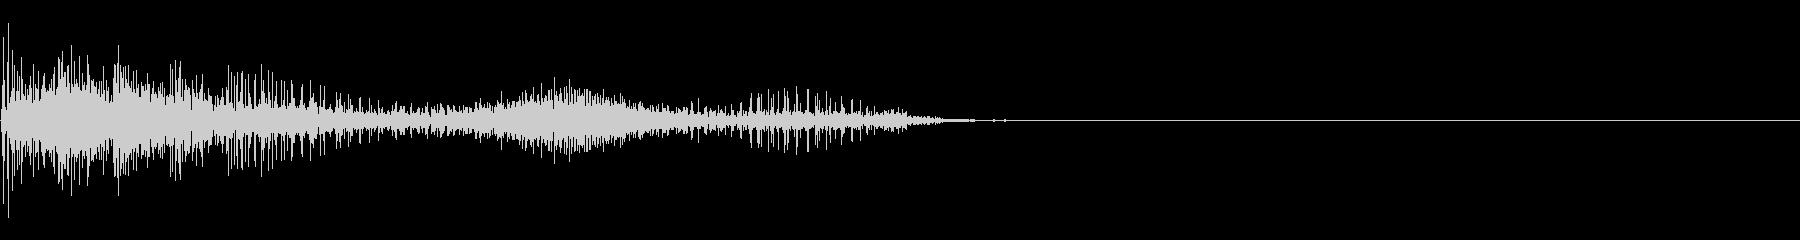 エイリアンの鳴き声の未再生の波形